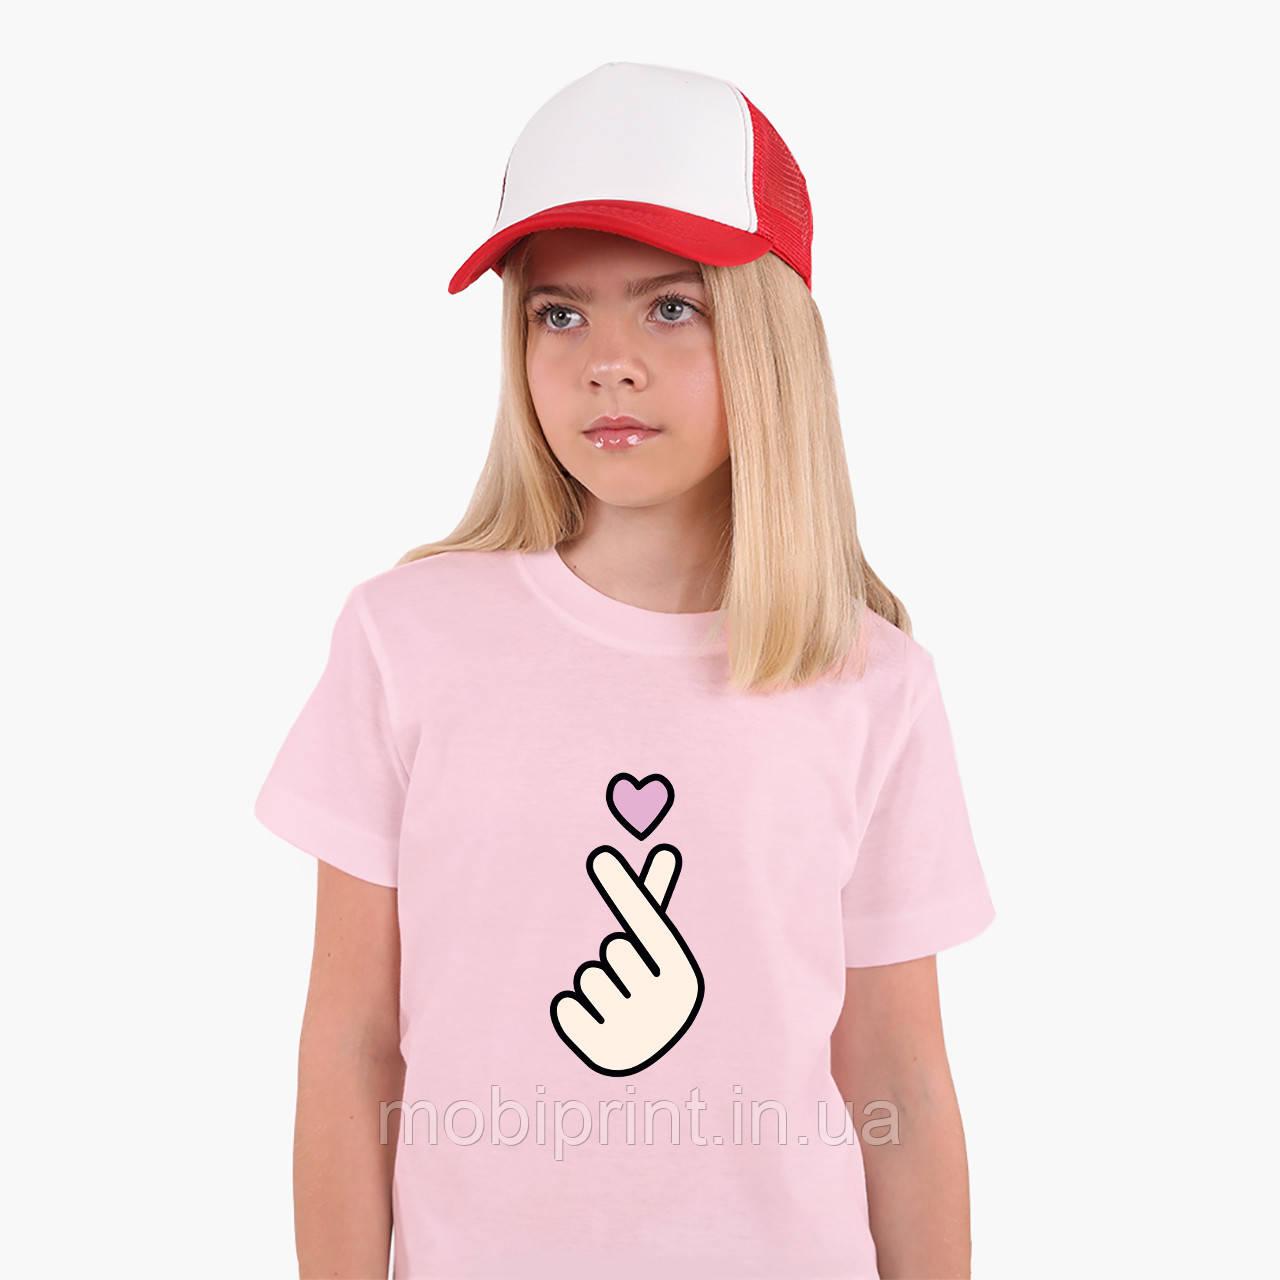 Детская футболка для девочек БТС (BTS) (25186-1063) Розовый